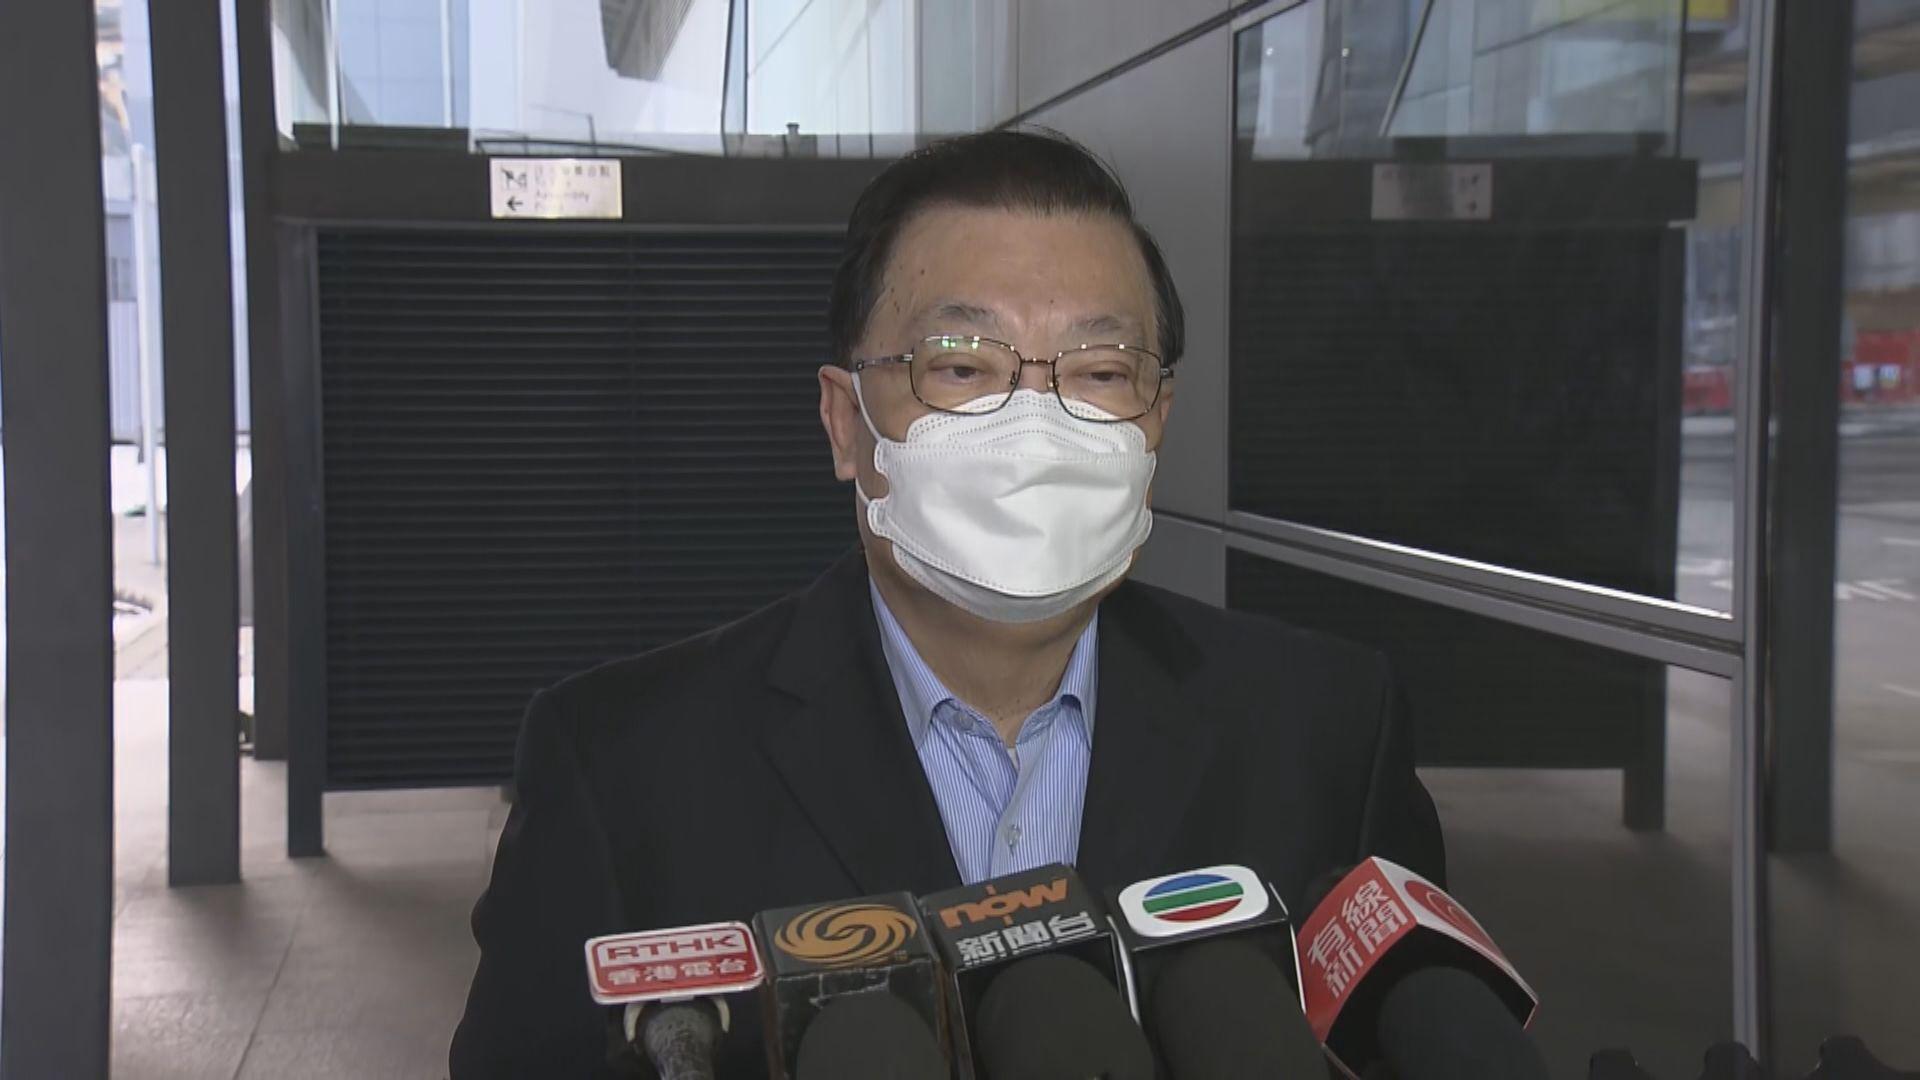 譚耀宗赴京出席人大常委會 指暫未有香港議程